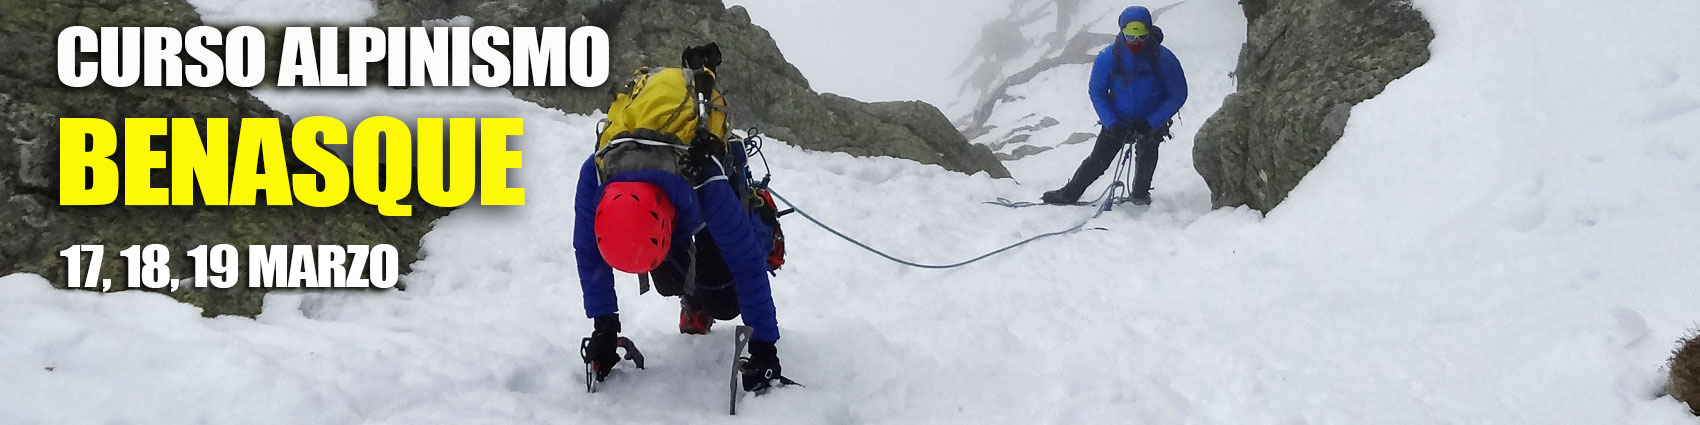 curso-alpinismo-benasque-pirineos